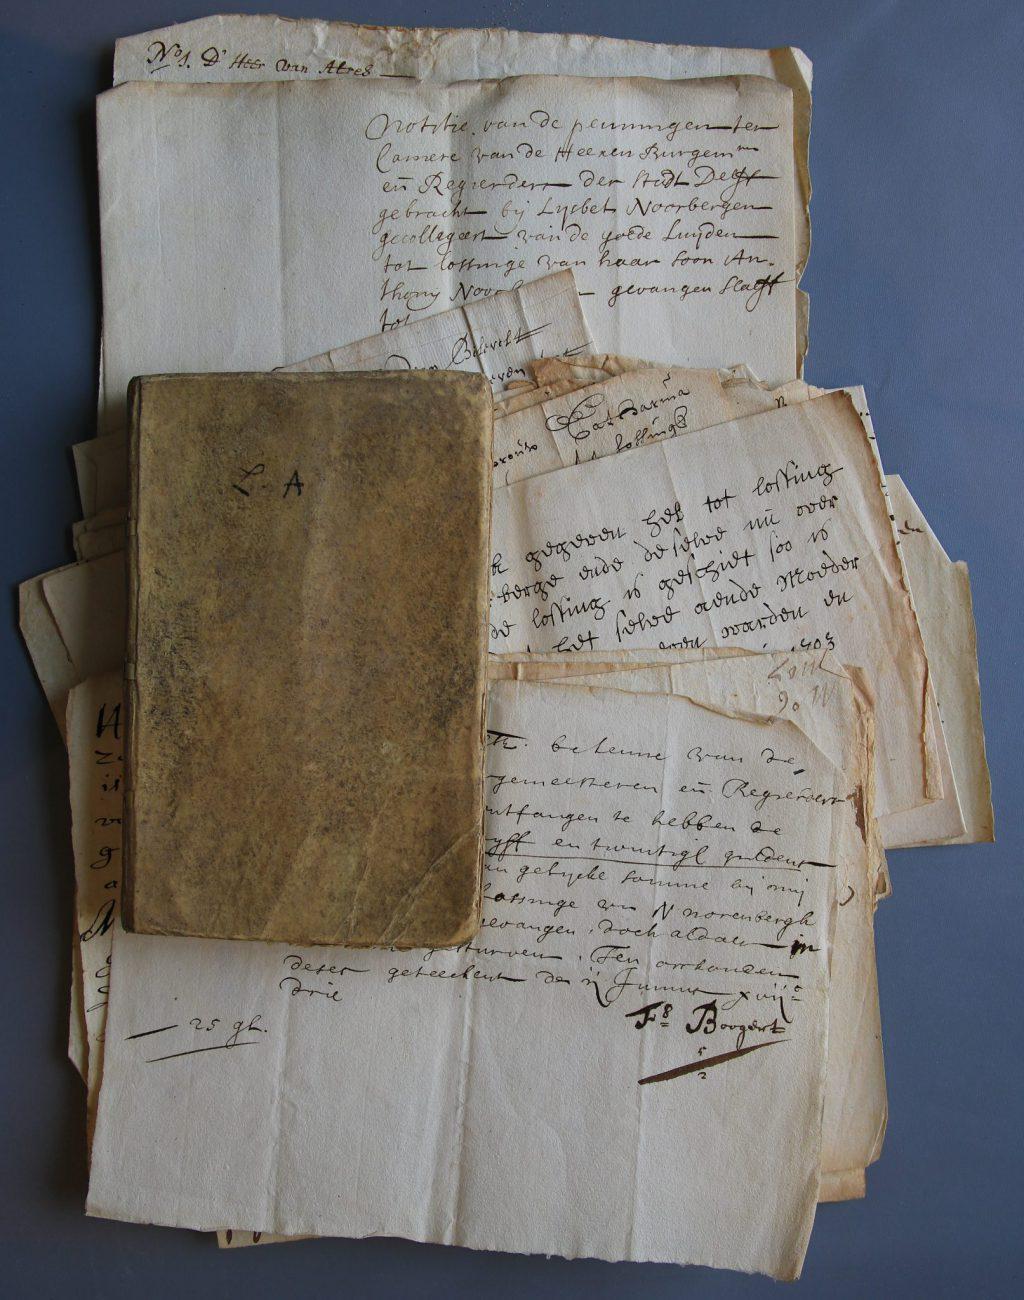 Documenten over de inzameling van geld voor het loskopen van Anthony Noortbergen (Archief 1, inv.nr 2074)